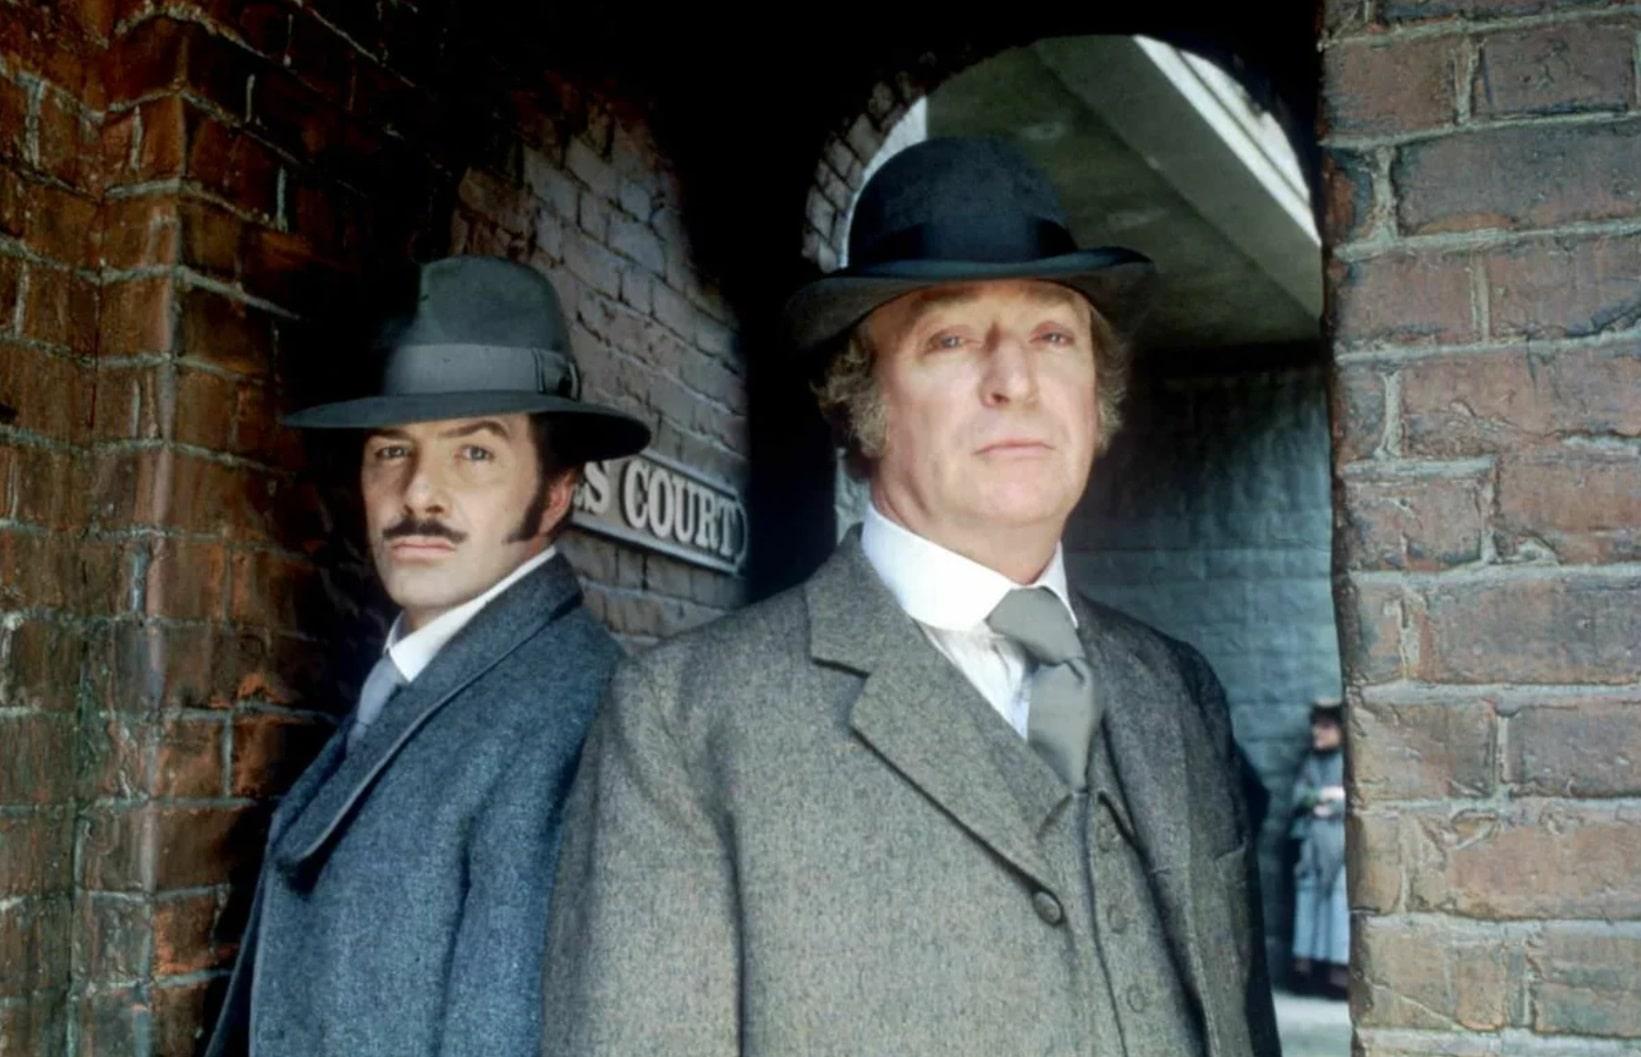 Джек-потрошитель / Jack the Ripper (1988) (мини-сериал): кадр из фильма